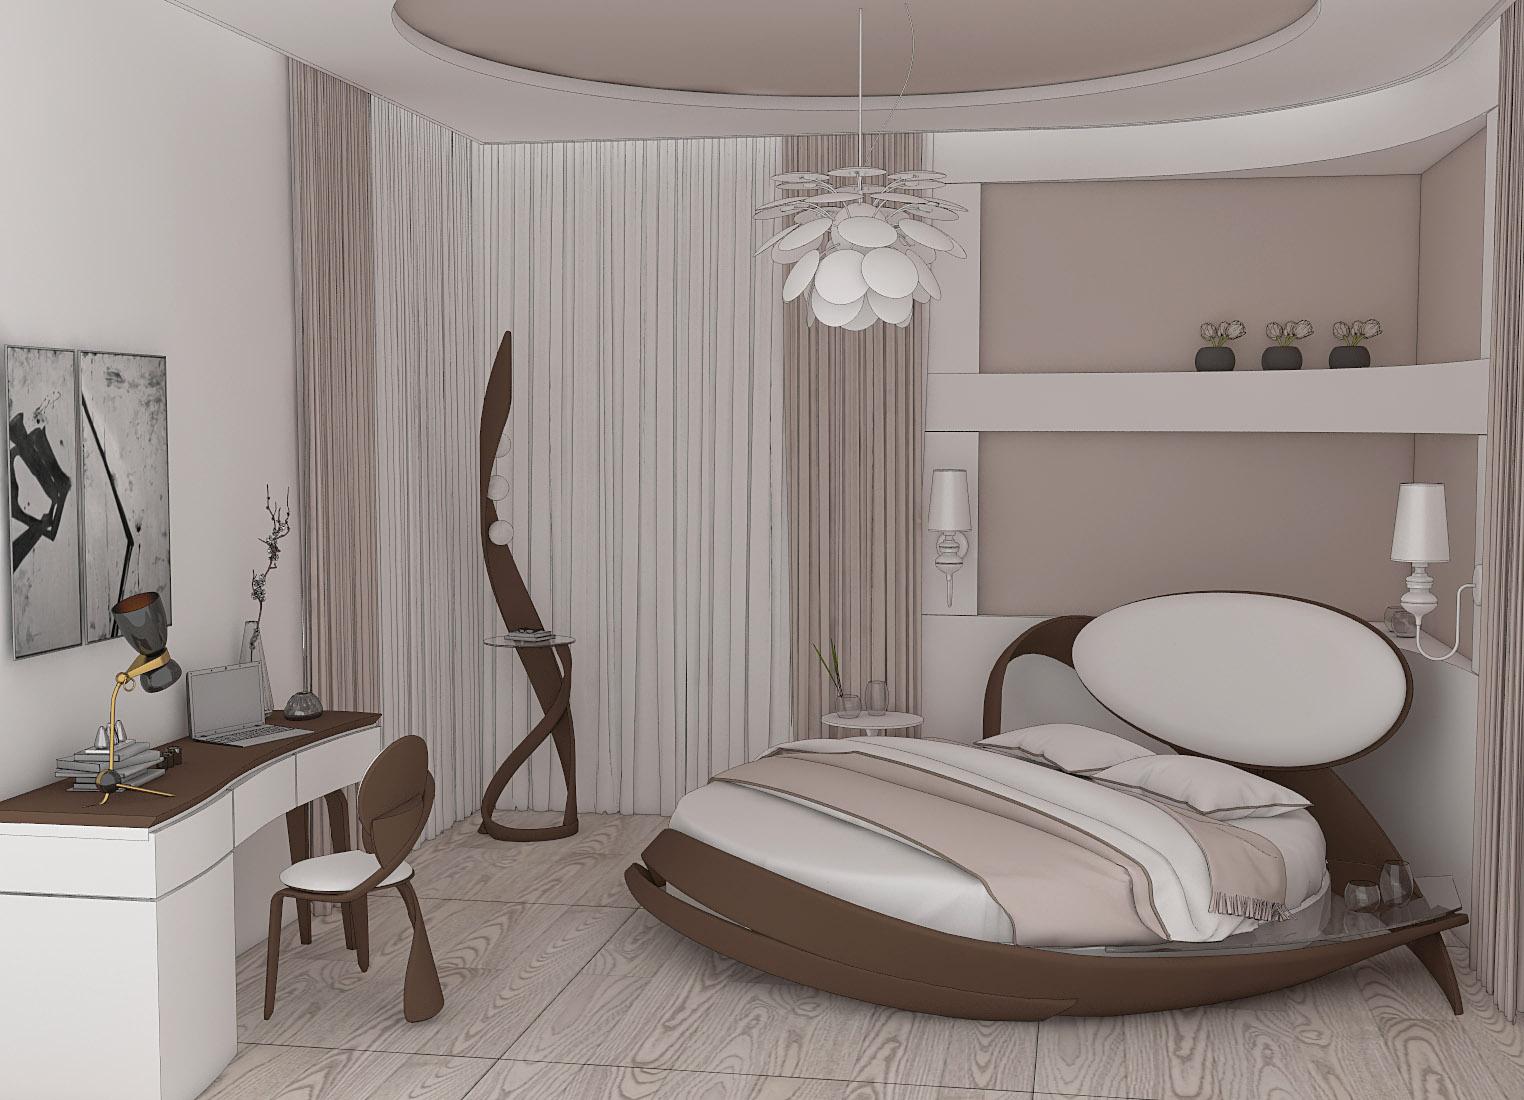 спальня с круглой кроватью фото правило, это спокойный